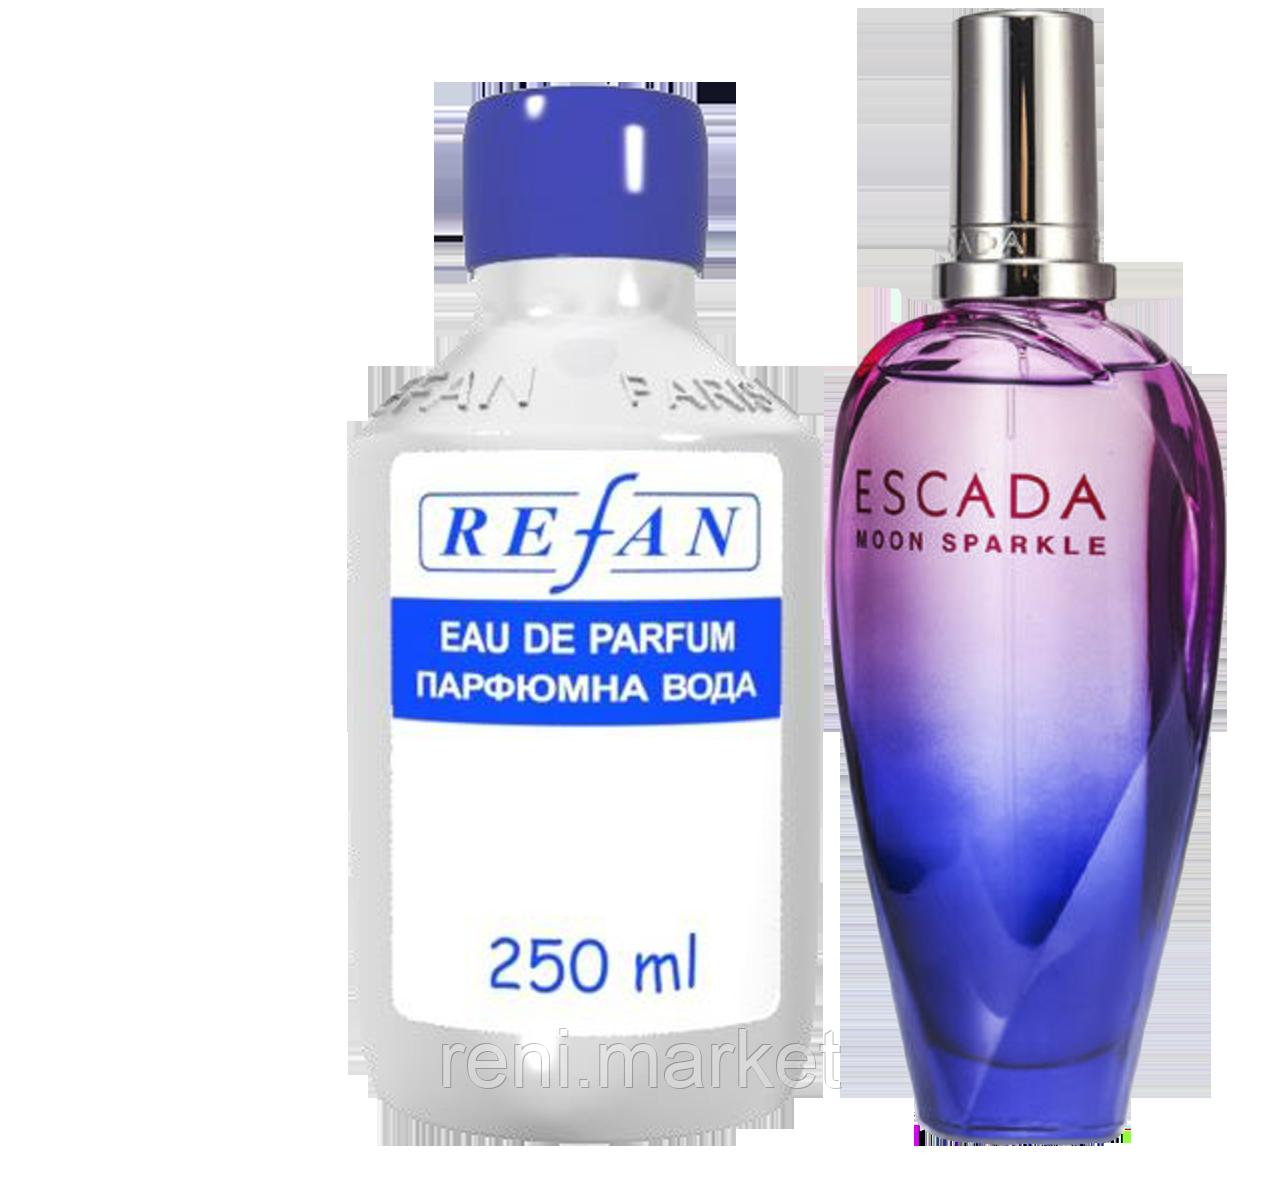 Refan 128 версия аромата Escada Moon Sparkle Escada 250 мл цена 375